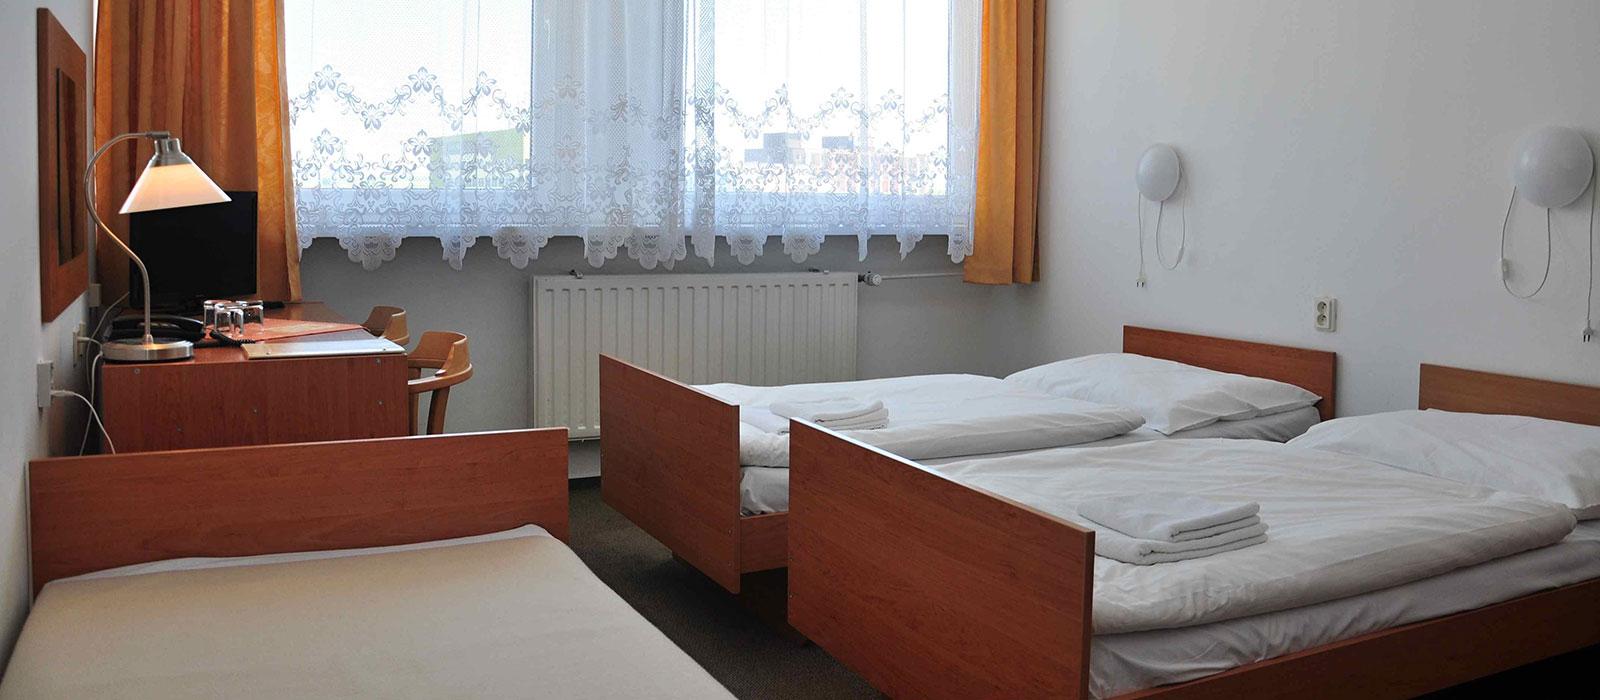 2xdvojpostelova-izba